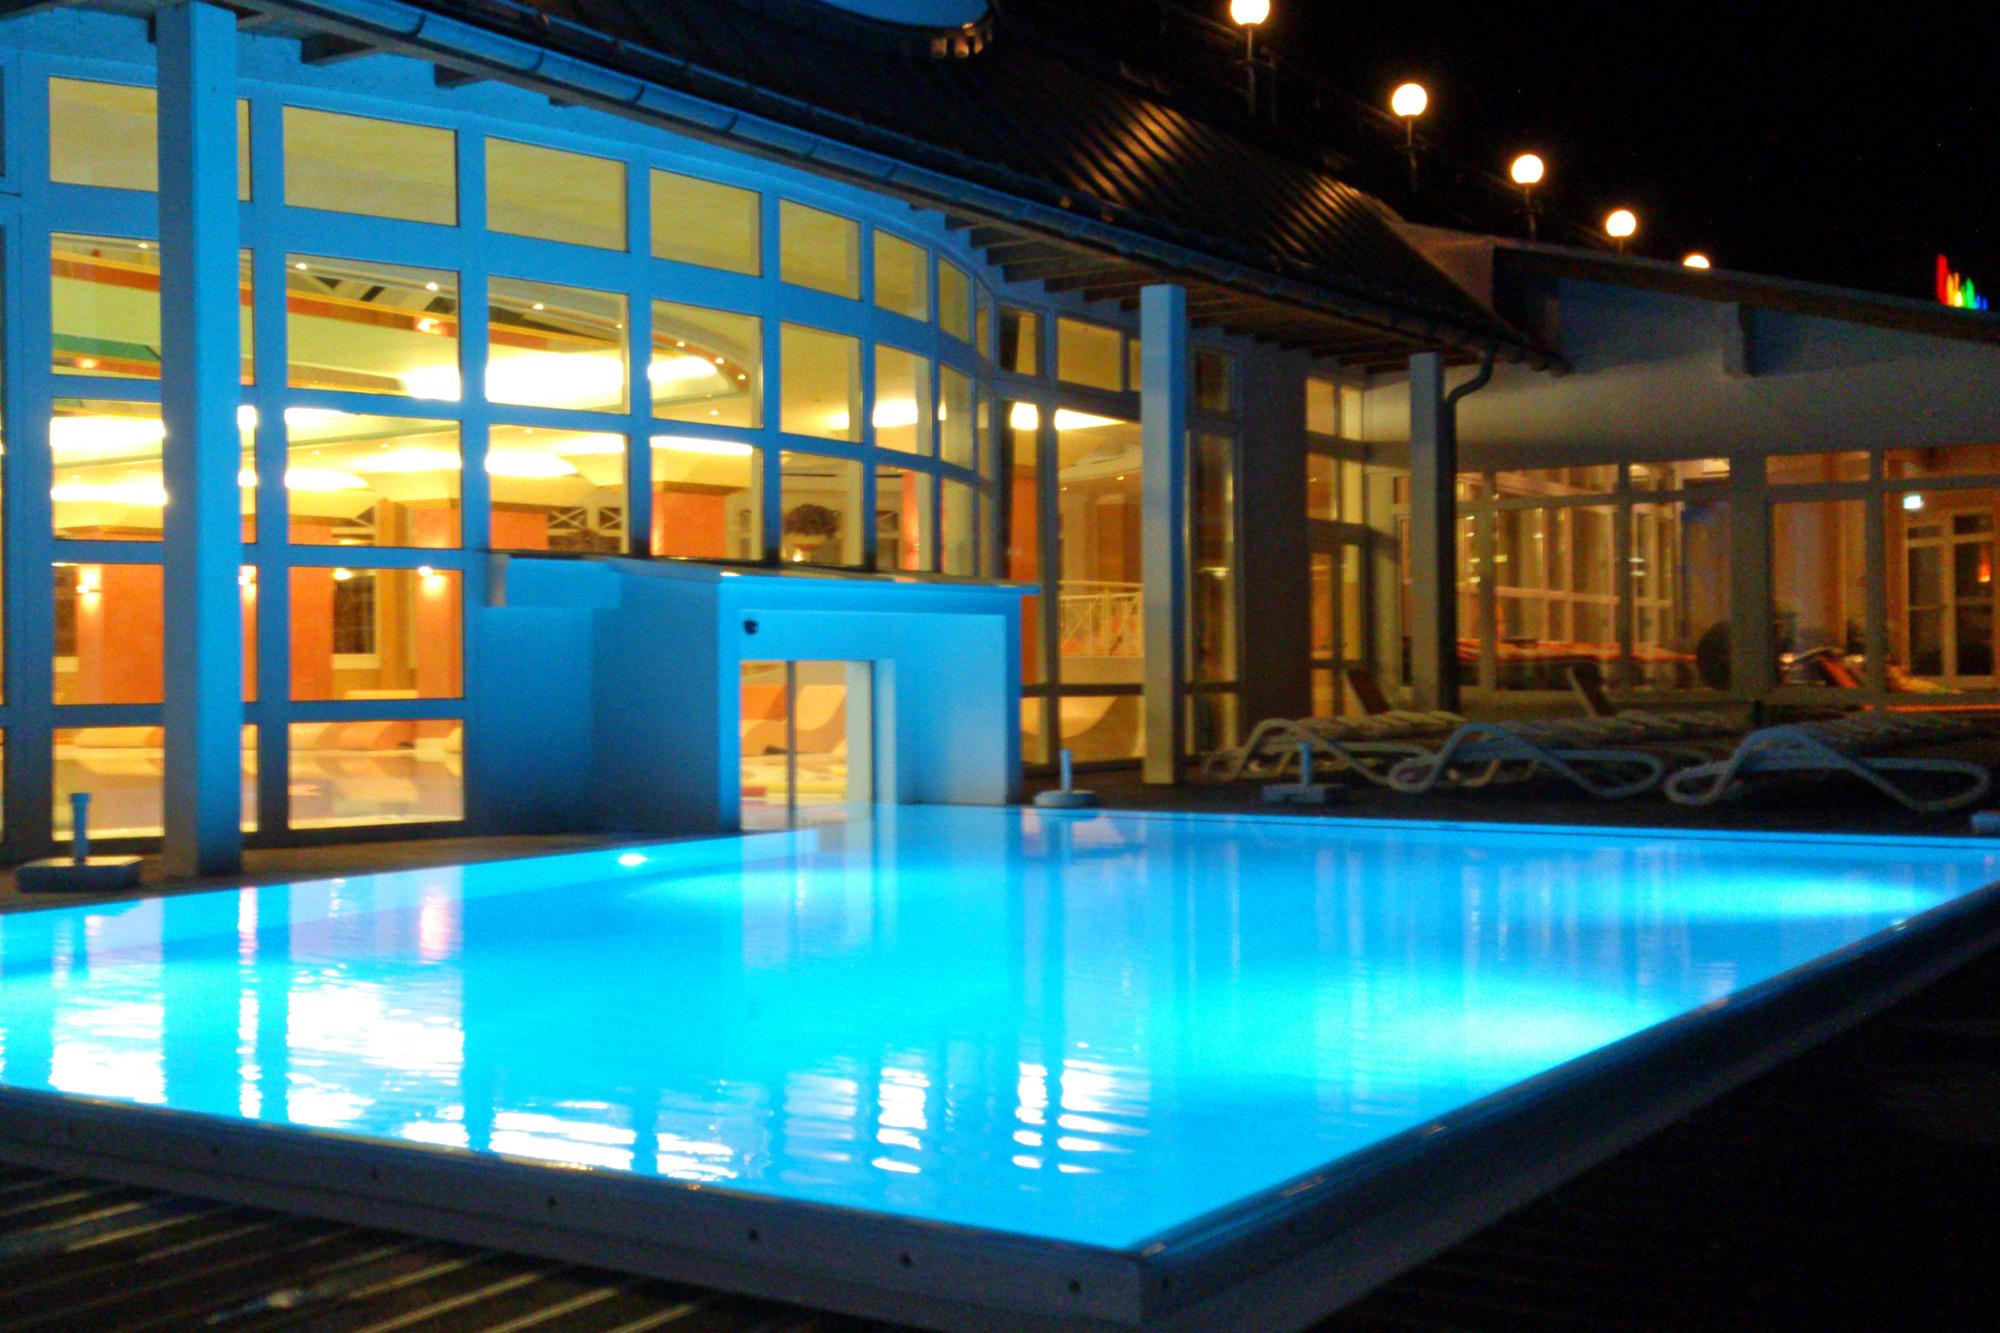 Innen- Außenschwimmbad demzufolge ein Veltmann Pool